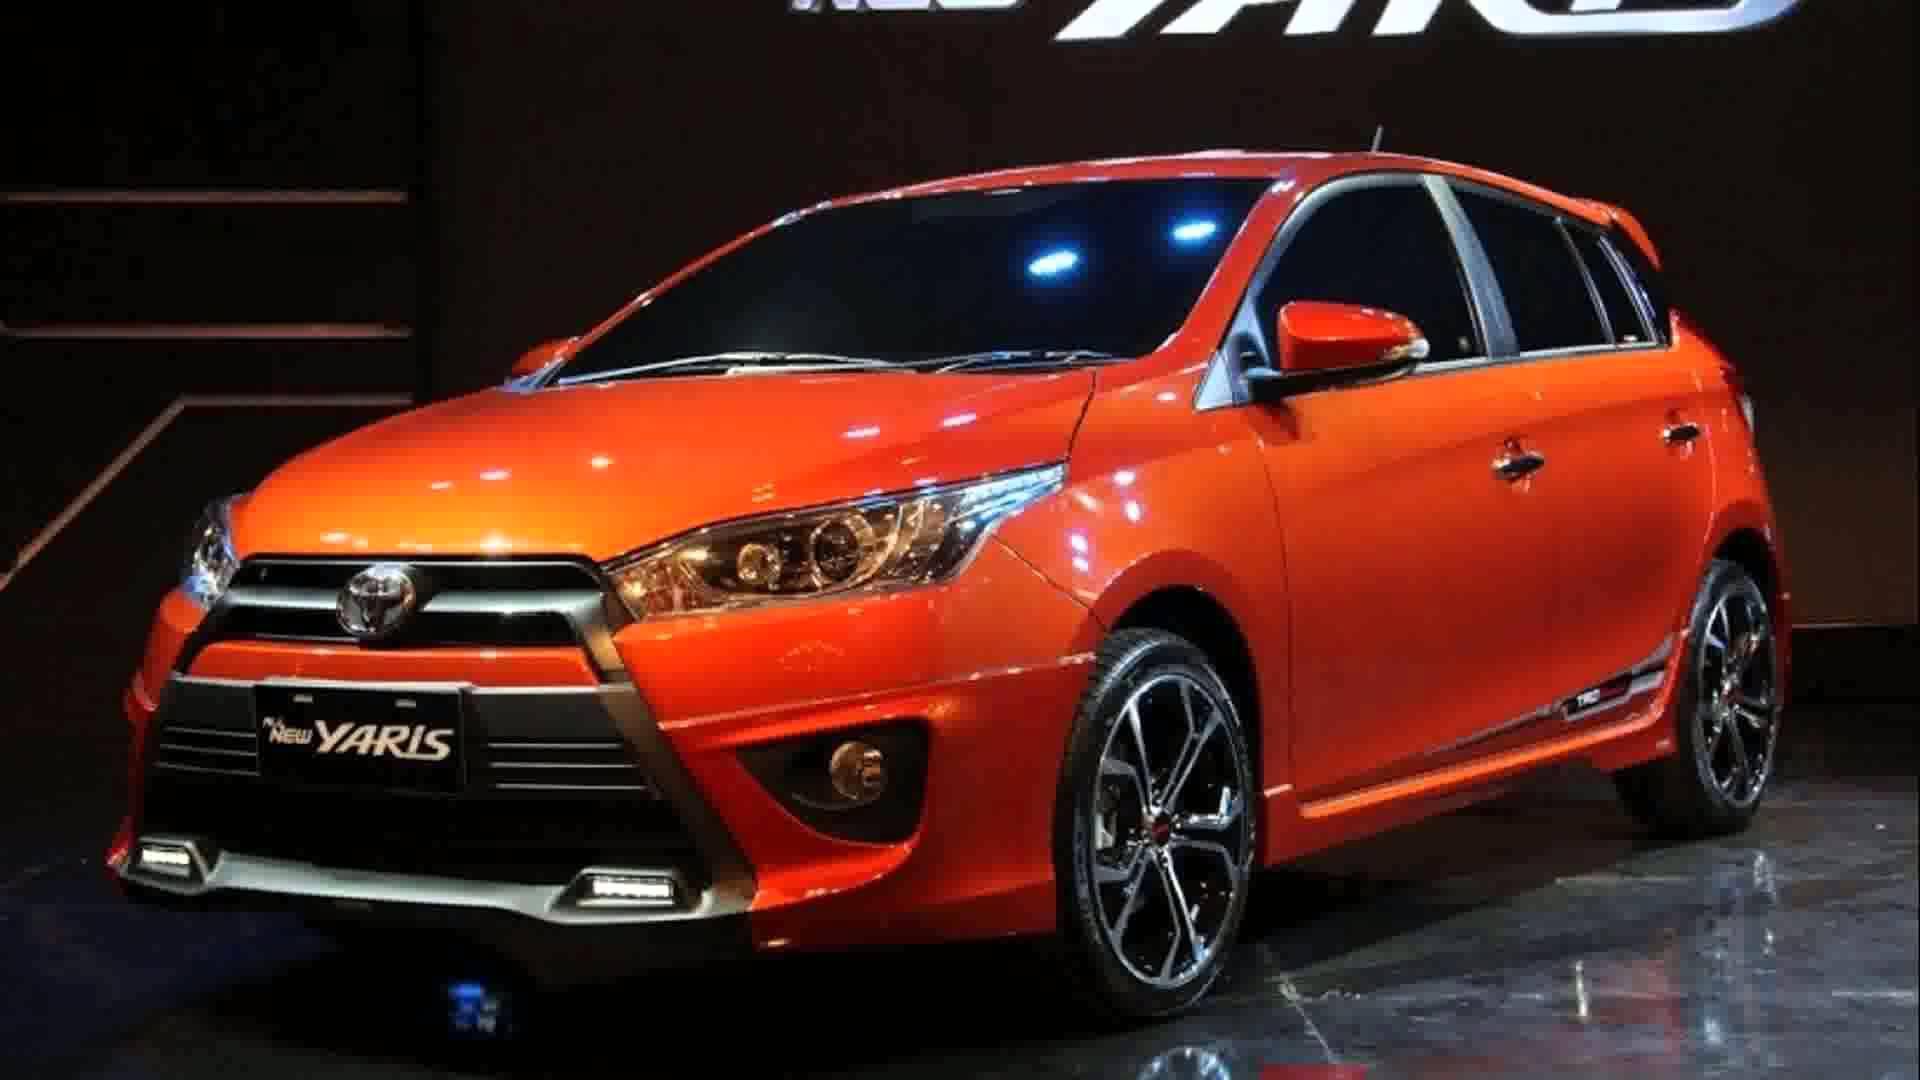 toyota yaris trd 2017 indonesia harga grand new veloz ternyata para desainer merek mobil internasional itu orang ...